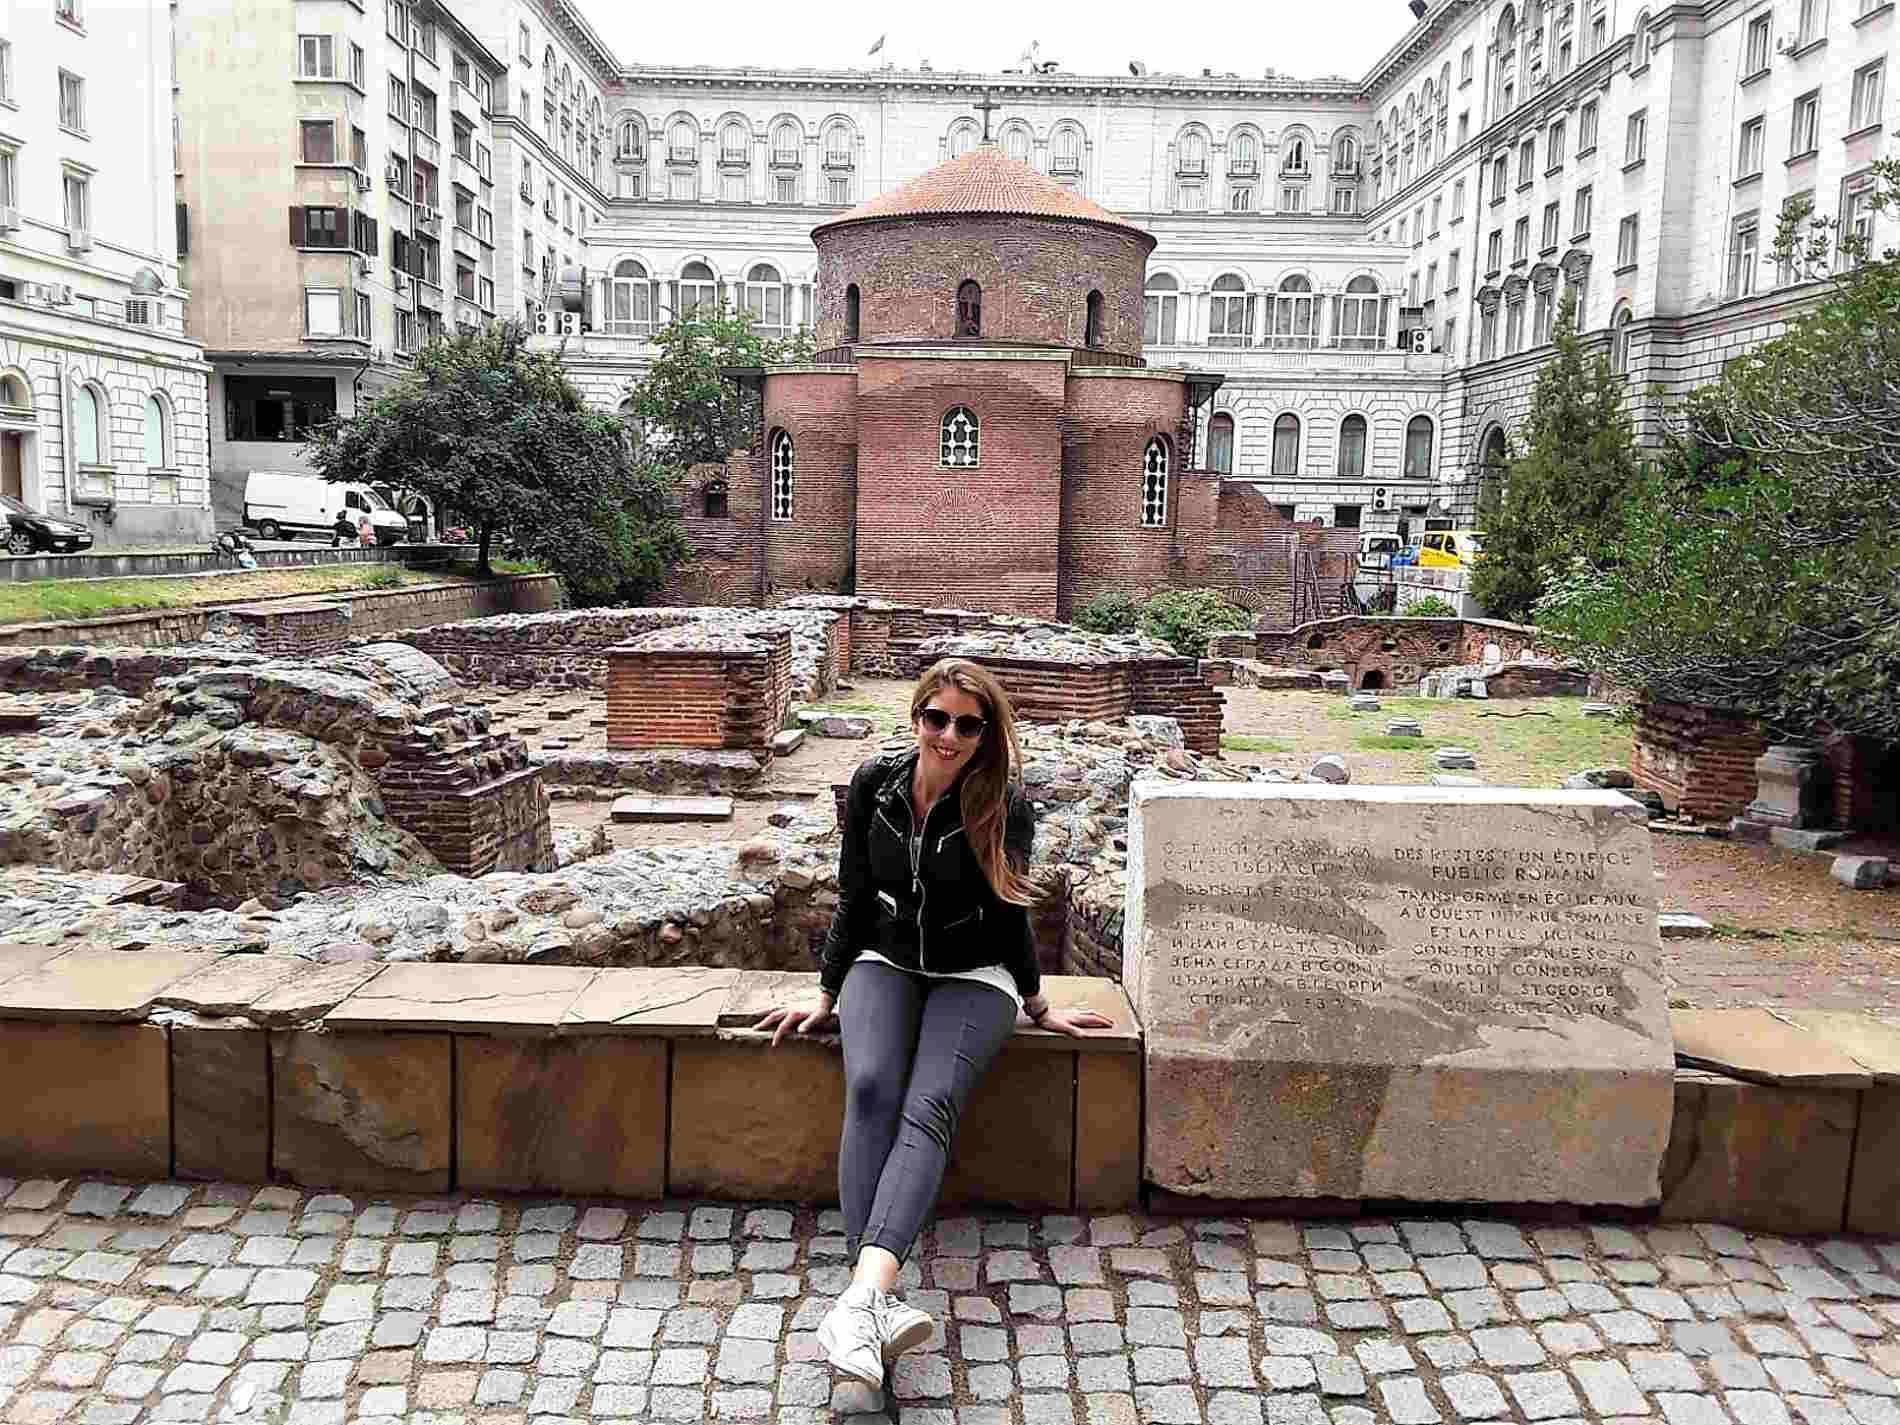 Capitali europee imperdibili da visitare - Bulgaria capitale della Bulgaria Sofia: Sveti Giorgi